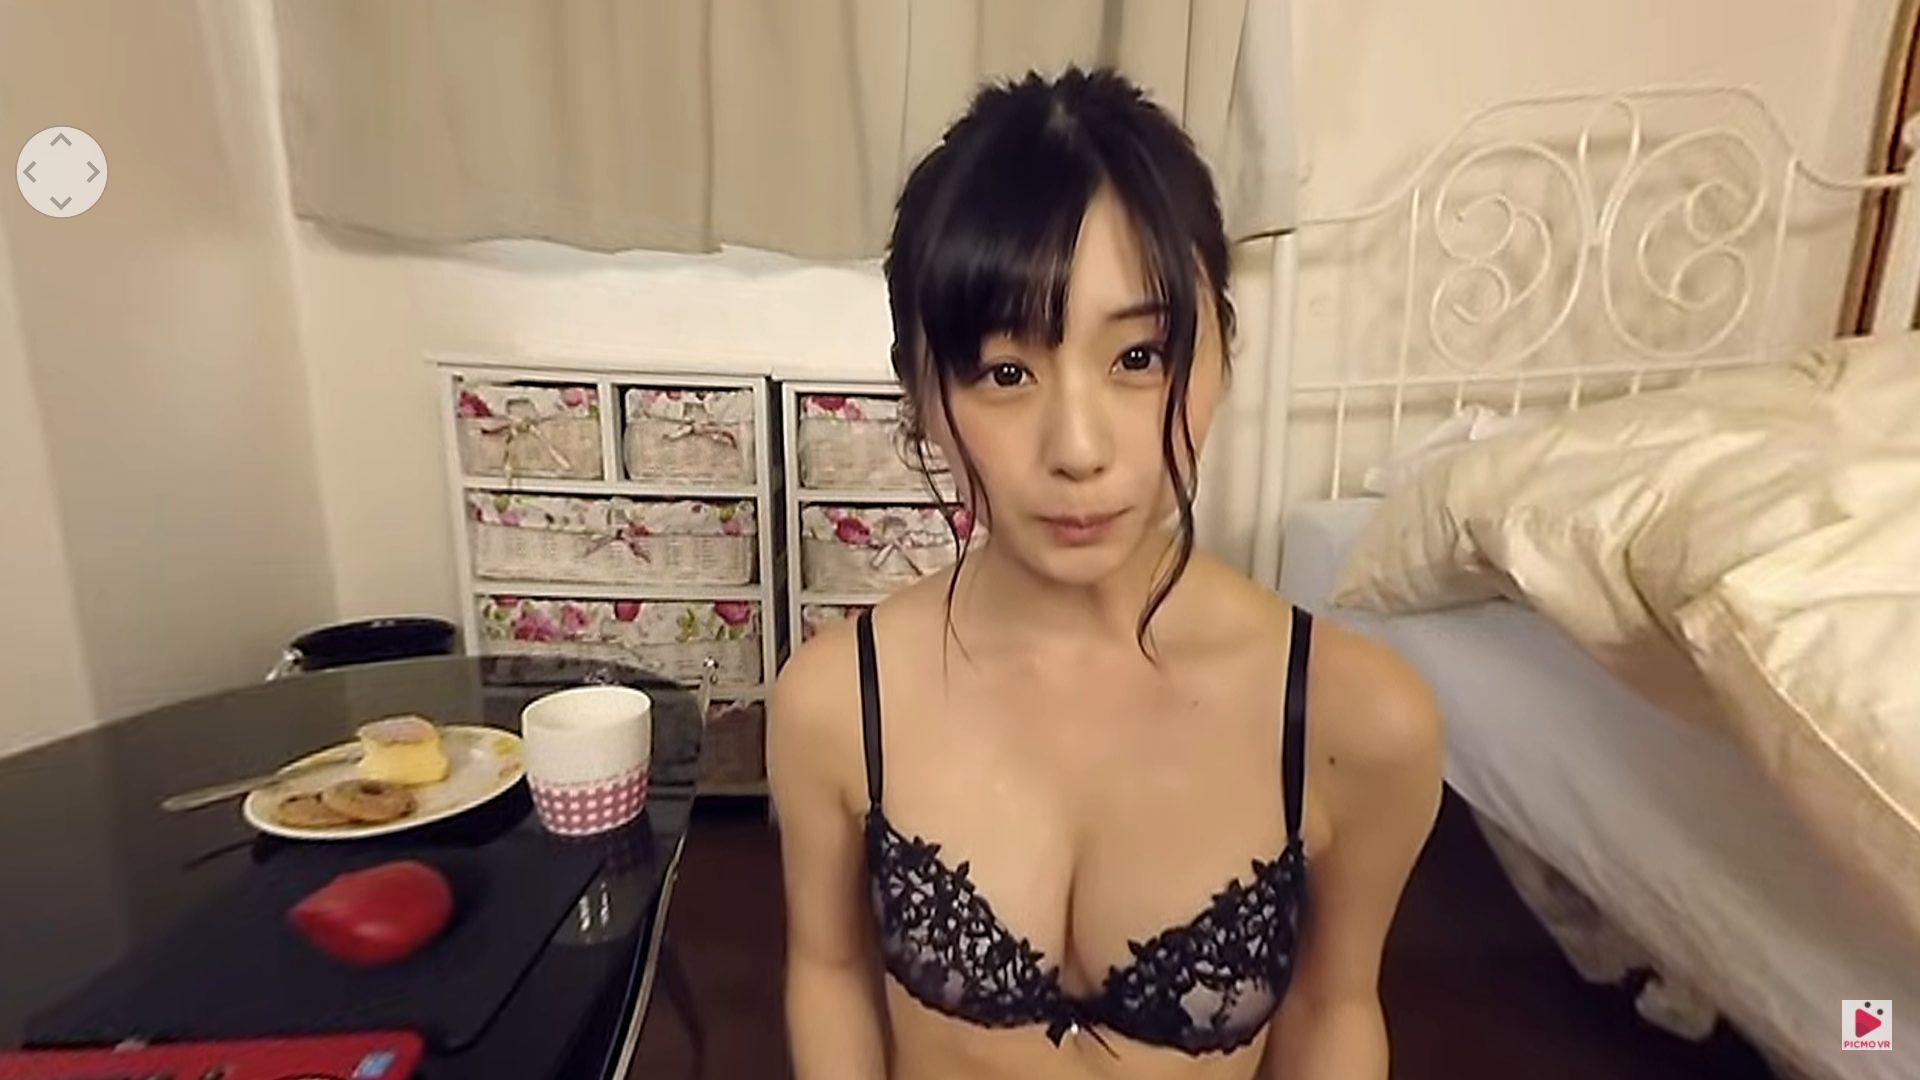 【くりえみ】Cカップ16 「【VR】バーチャルダイブ 少女のままで」サンプル動画